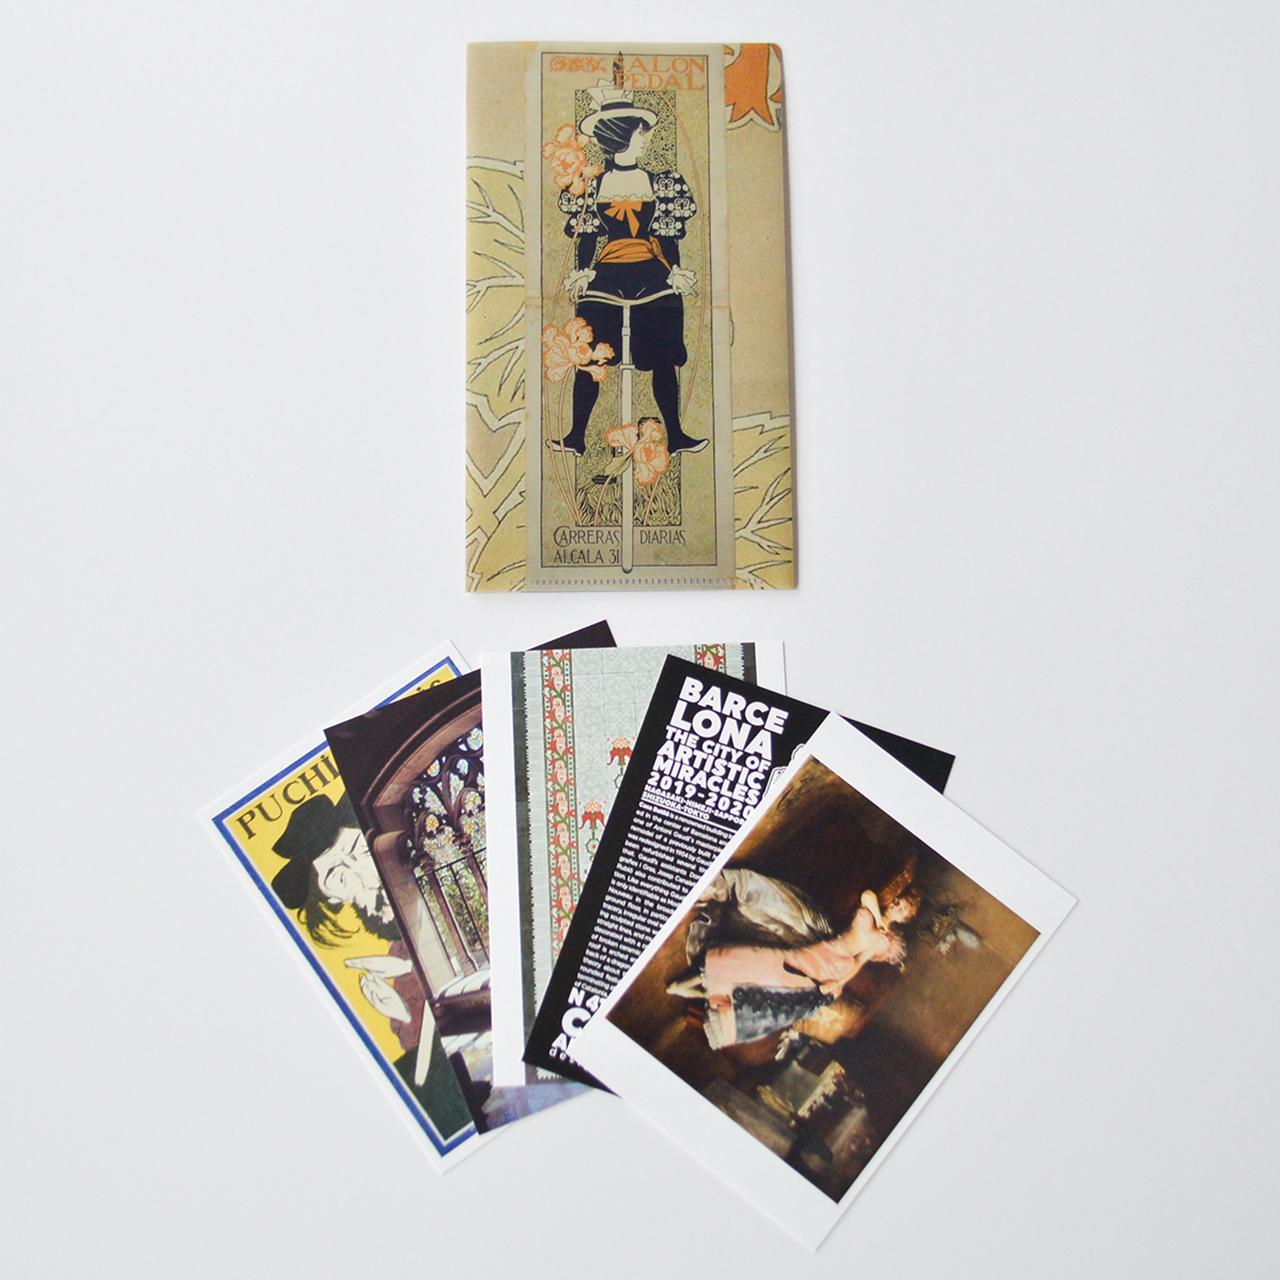 「奇蹟の芸術都市 バルセロナ」展 チケットフォルダー / ポストカード5枚セットB